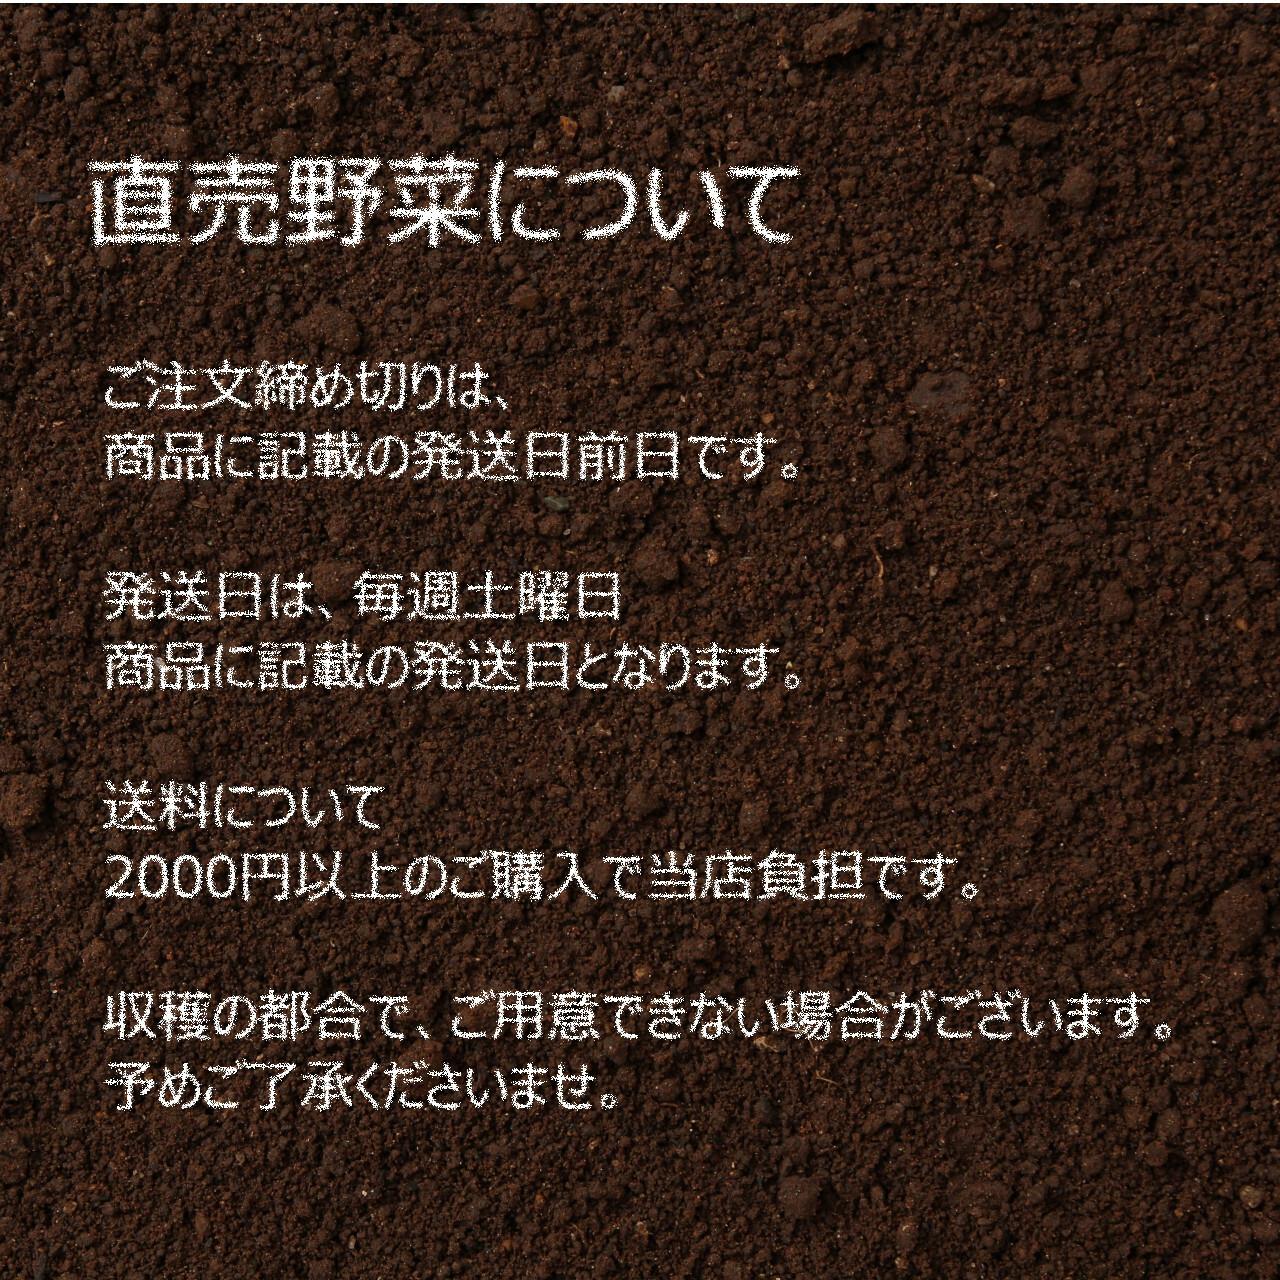 新鮮な秋野菜 : つるむらさき 約200g 9月の朝採り直売野菜 9月12日発送予定